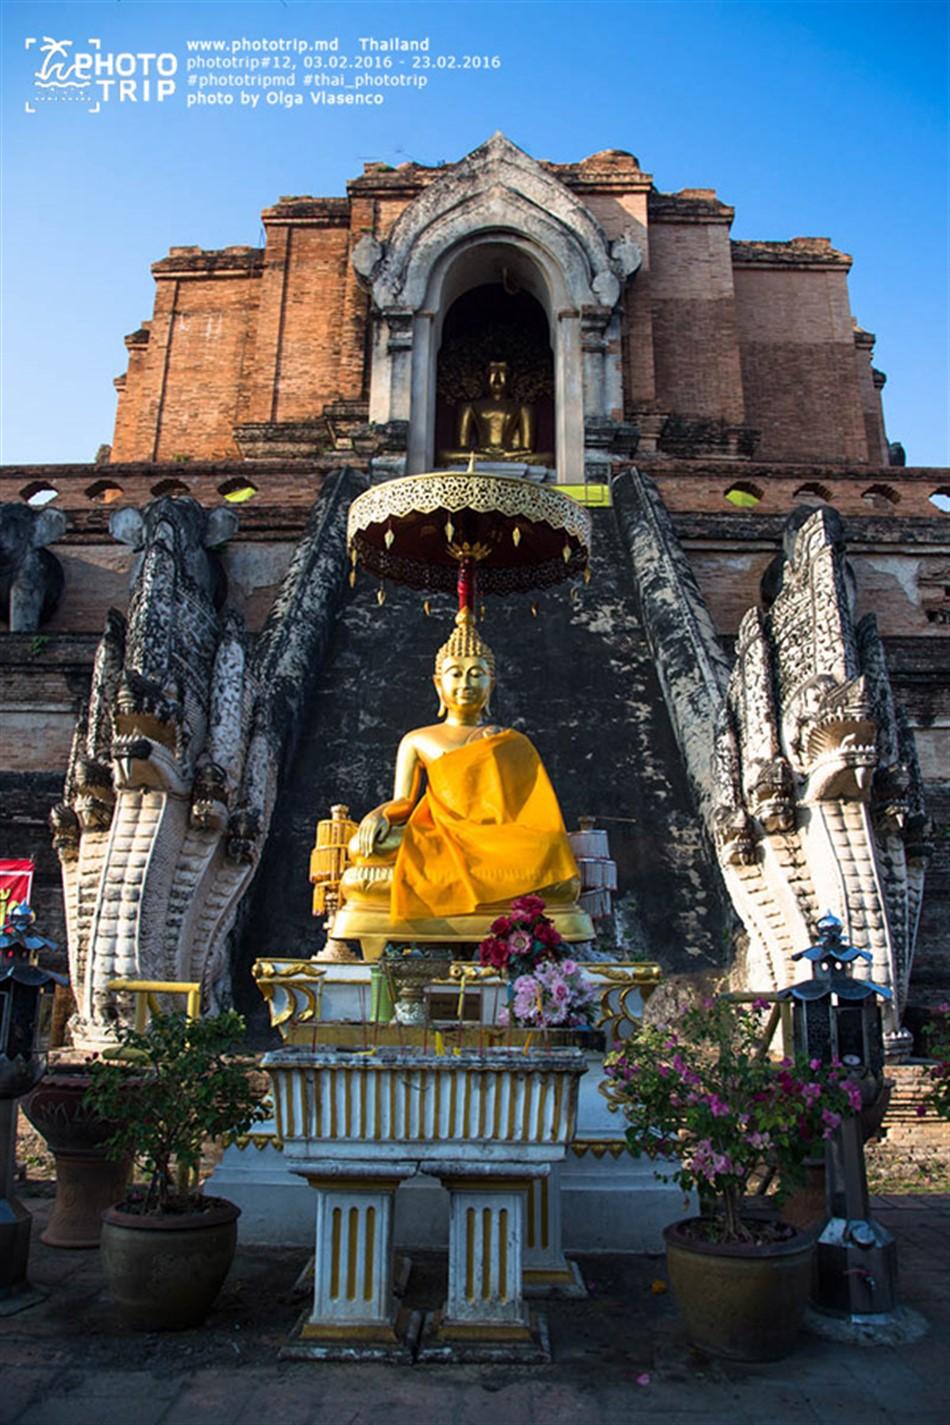 thailand2016_part3_056_950x1425